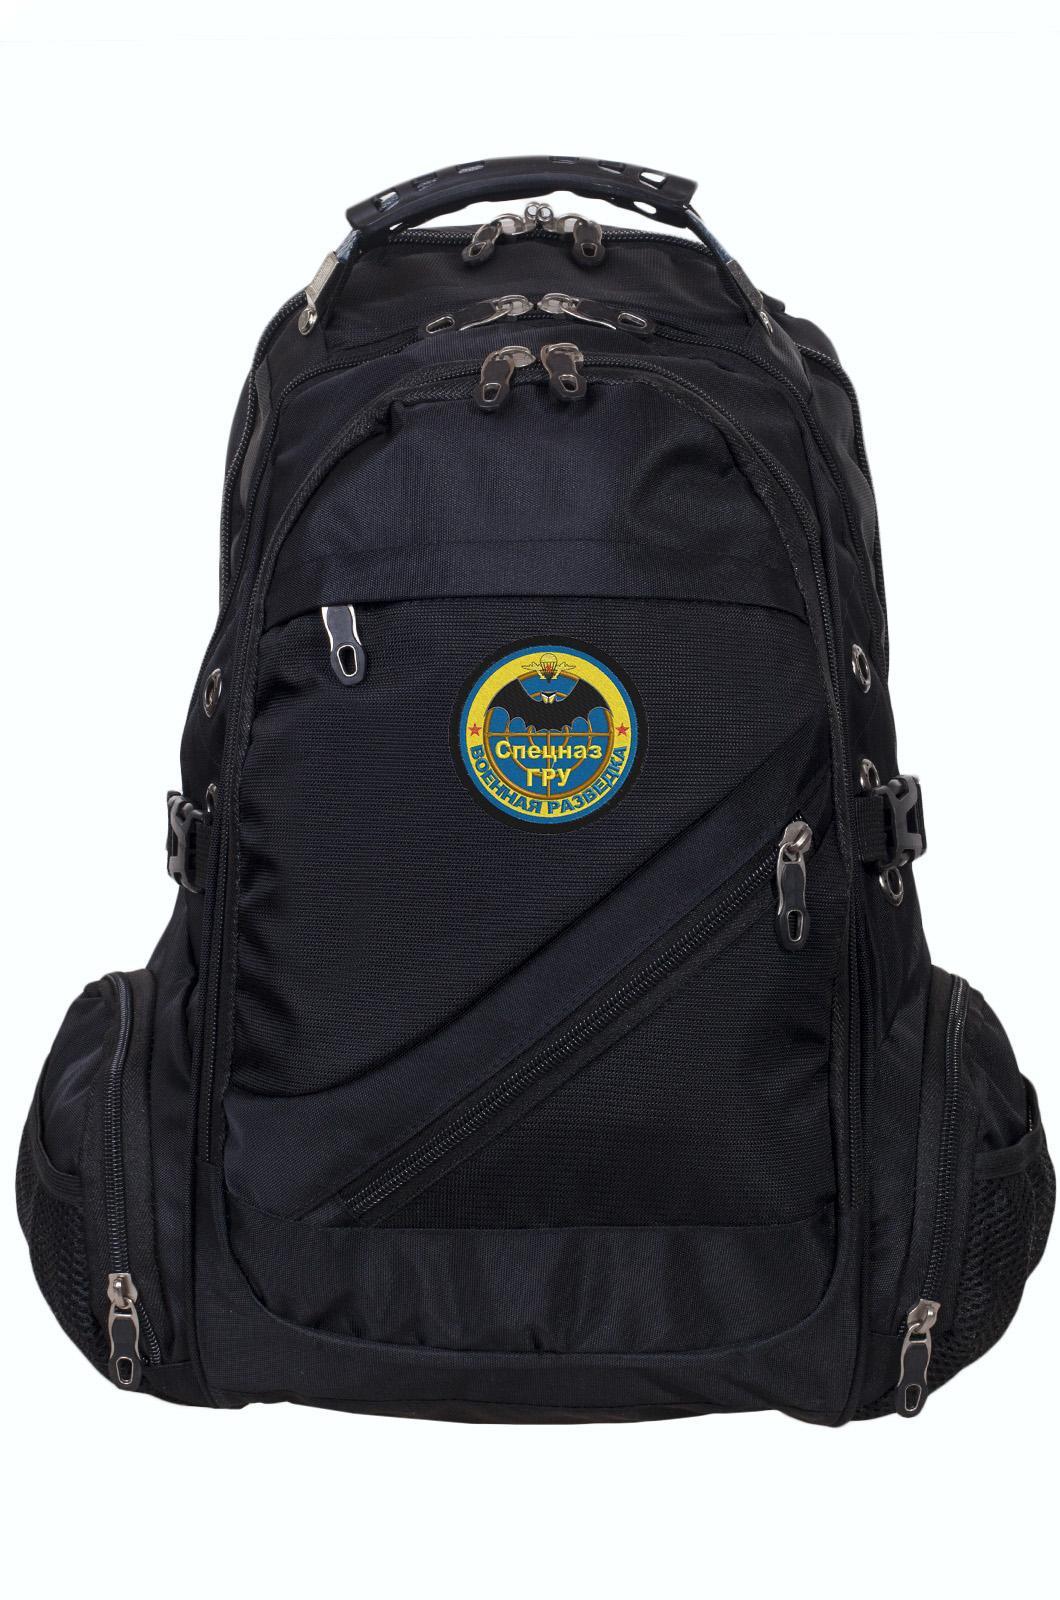 Зачетный черный рюкзак с нашивкой Спецназ ГРУ